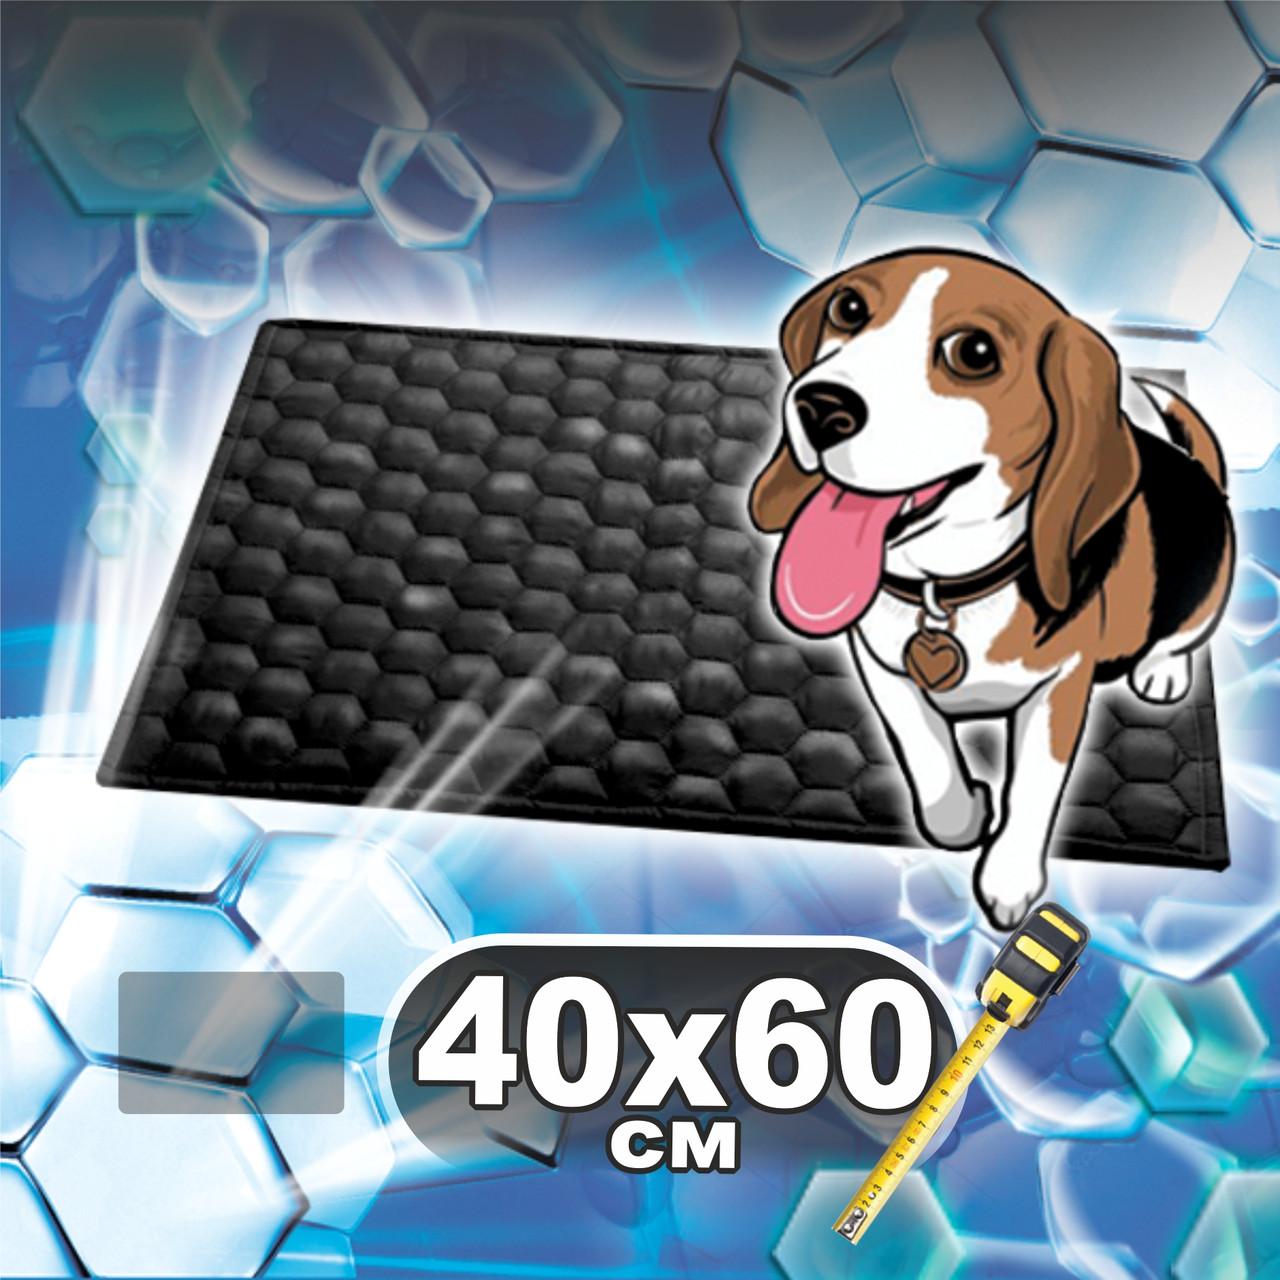 Многоразовая пеленка для собак 40х60 см непромокаемая ЧЕРНАЯ